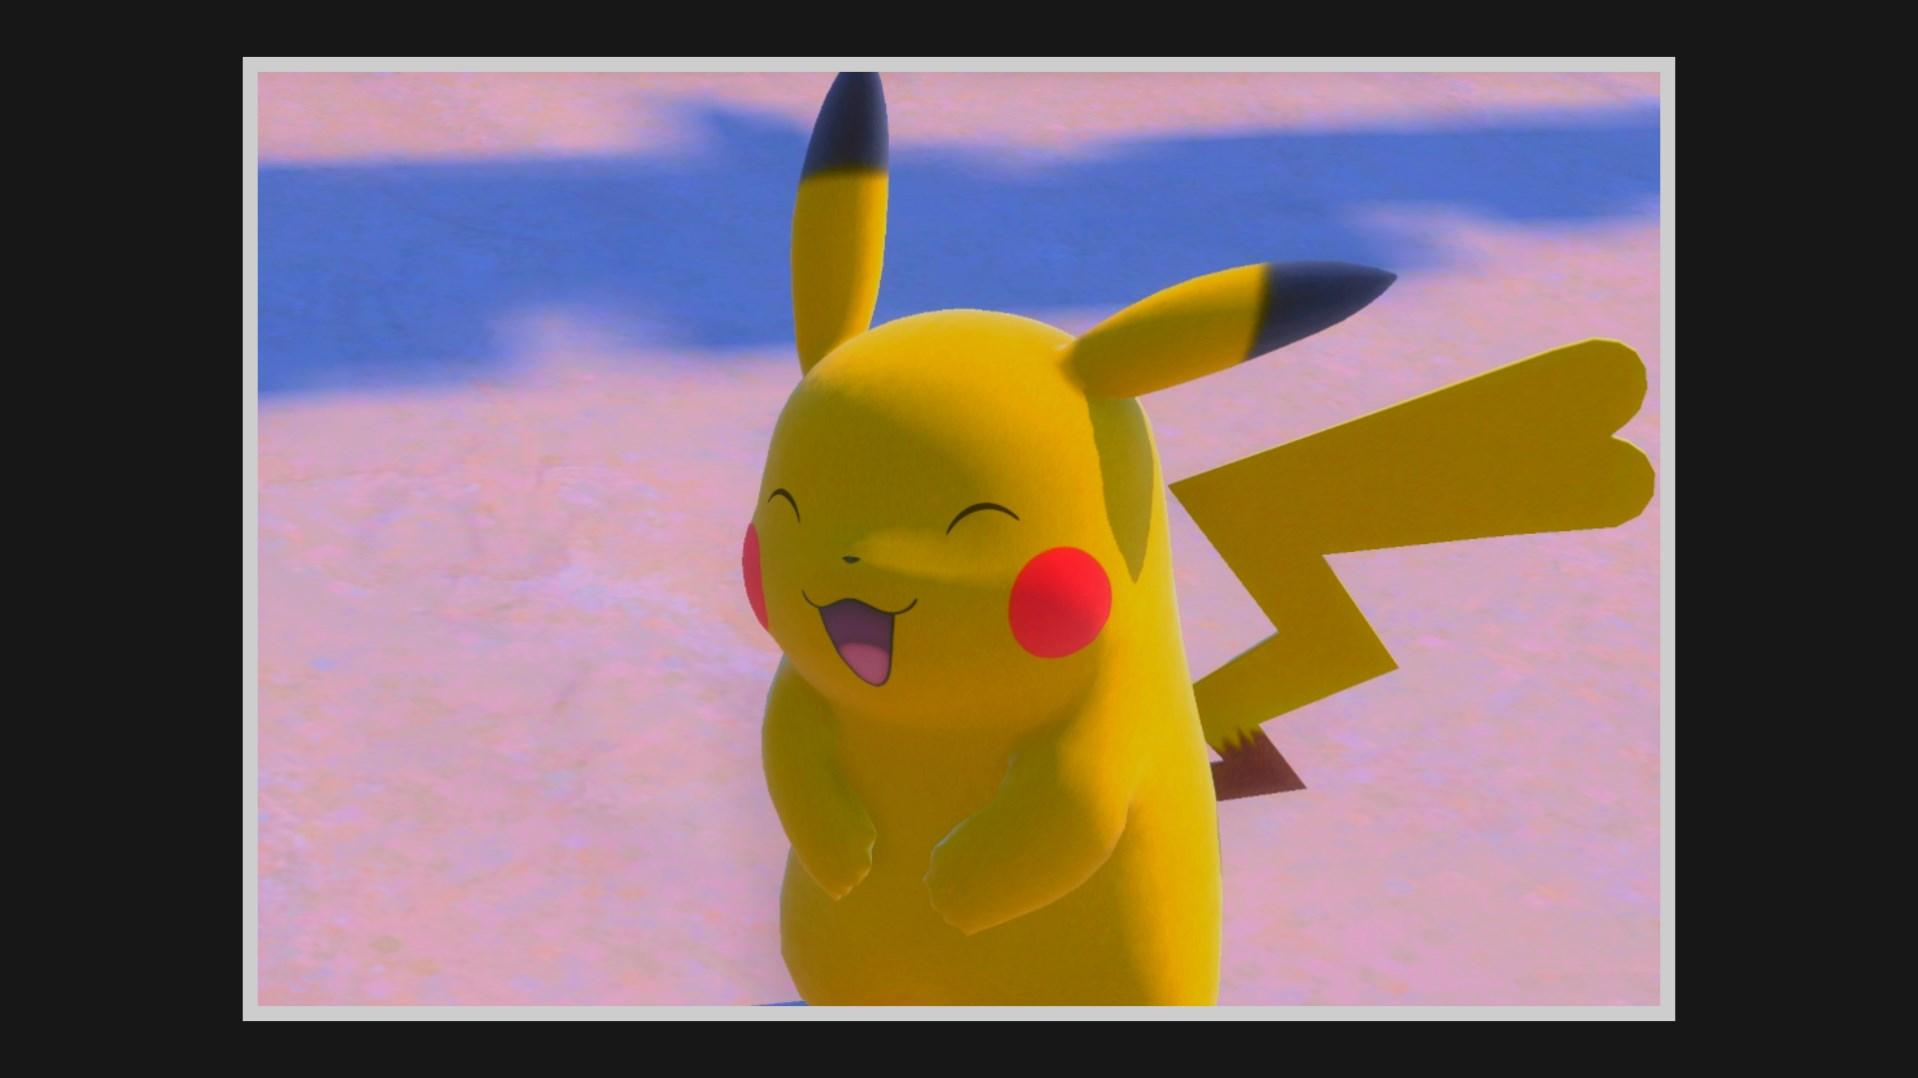 Pikachu smiles happily